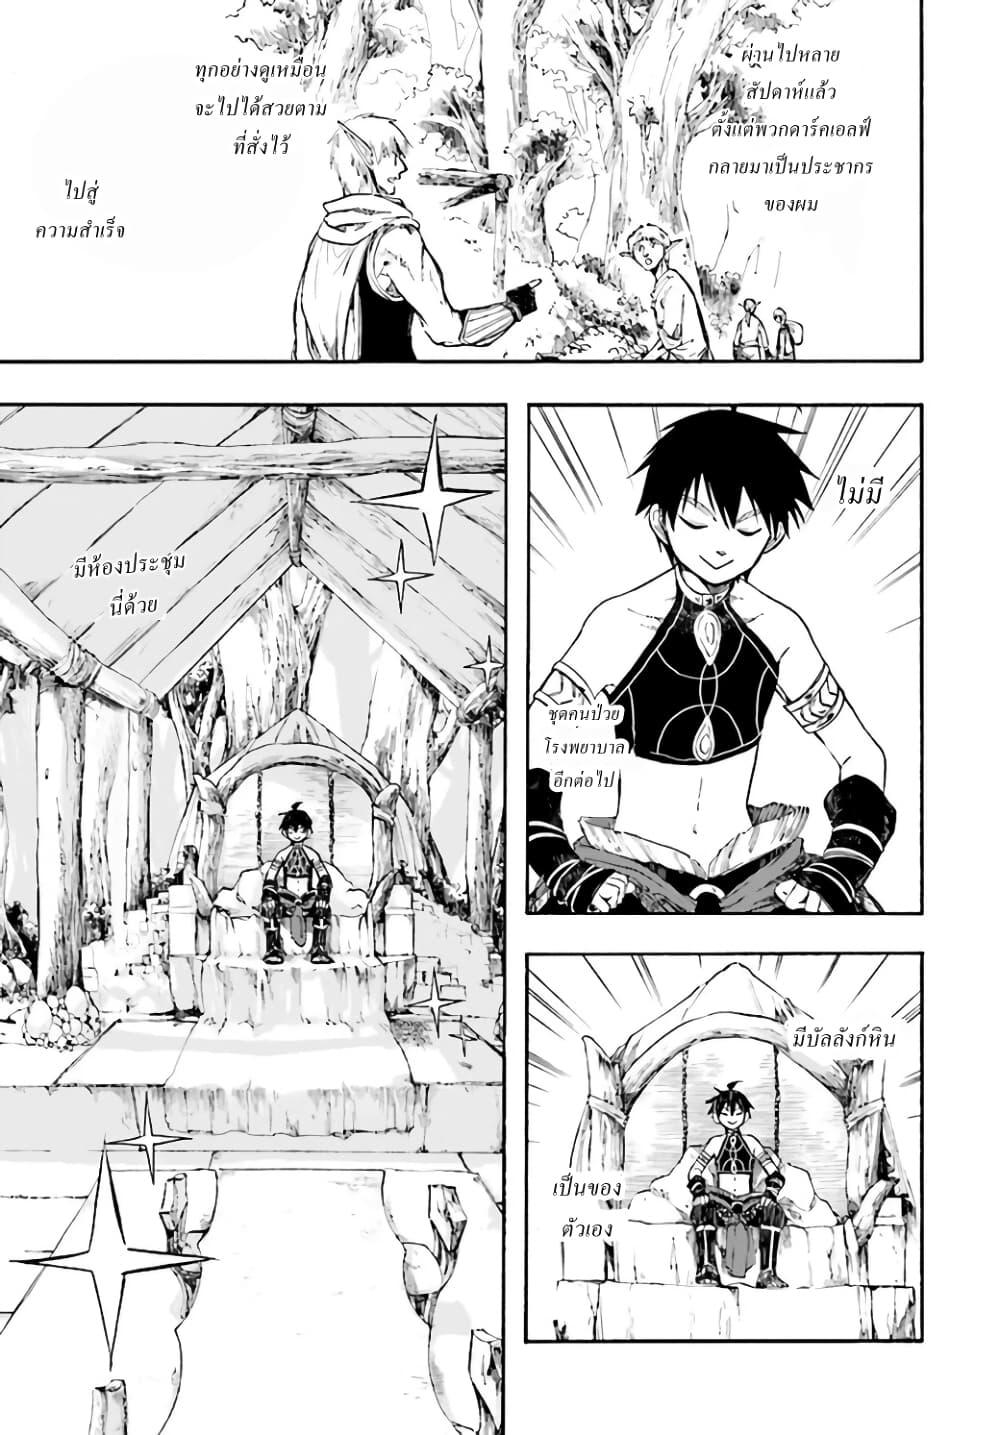 อ่านการ์ตูน Isekai Apocalypse MYNOGHRA ~The Conquest of the World Starts With the Civilization of Ruin~ ตอนที่ 5 หน้าที่ 7